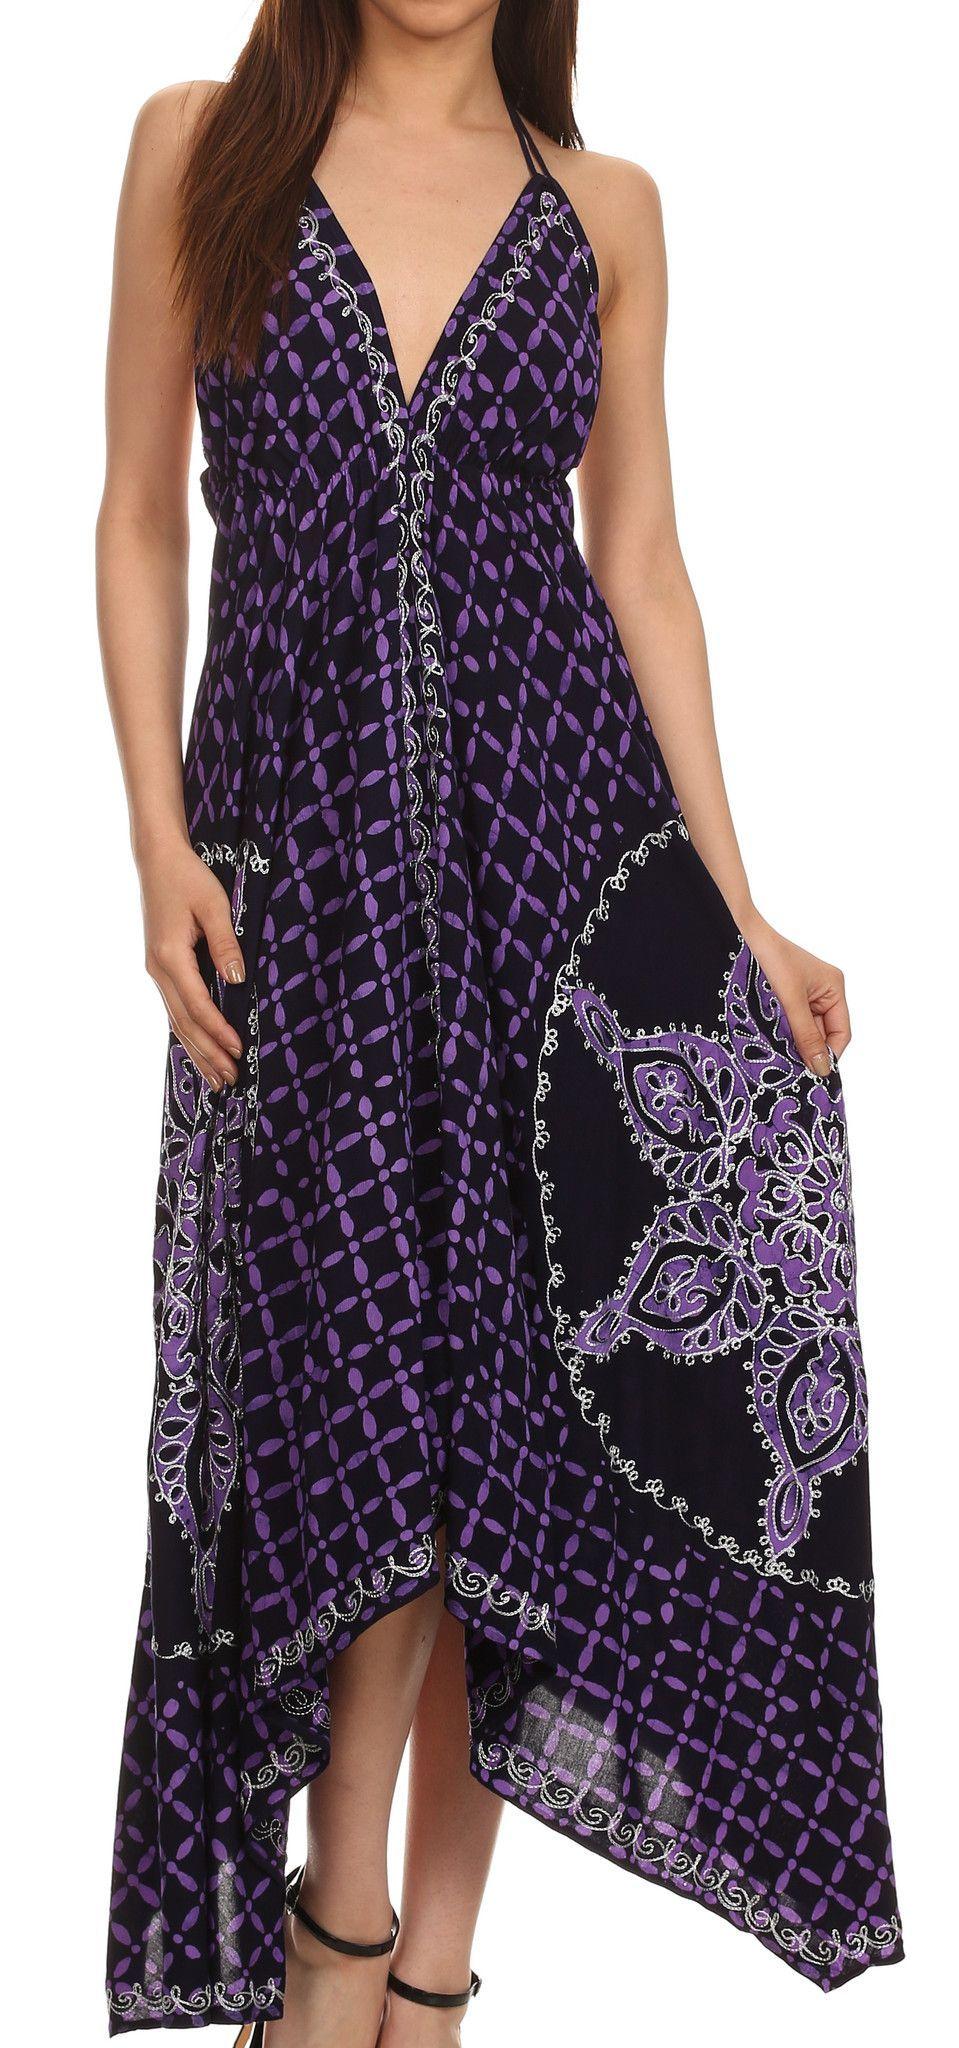 Sakkas Shana Batik Embroidered Handkerchief Hem Adjustable Halter Dress